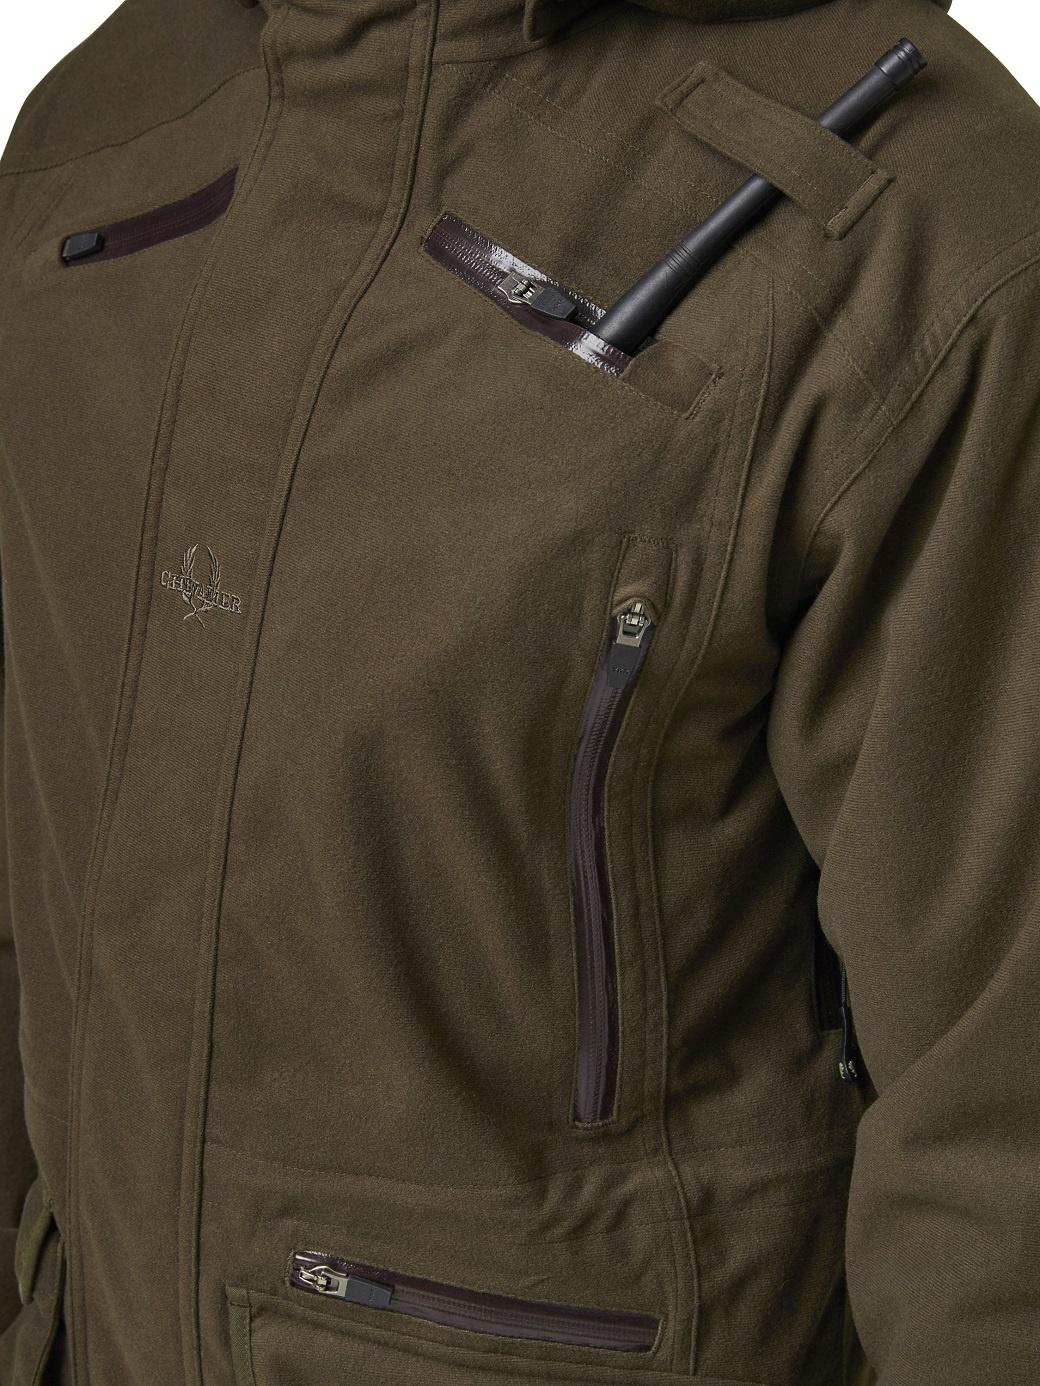 Chevalier Setter Pro Coat Green-5